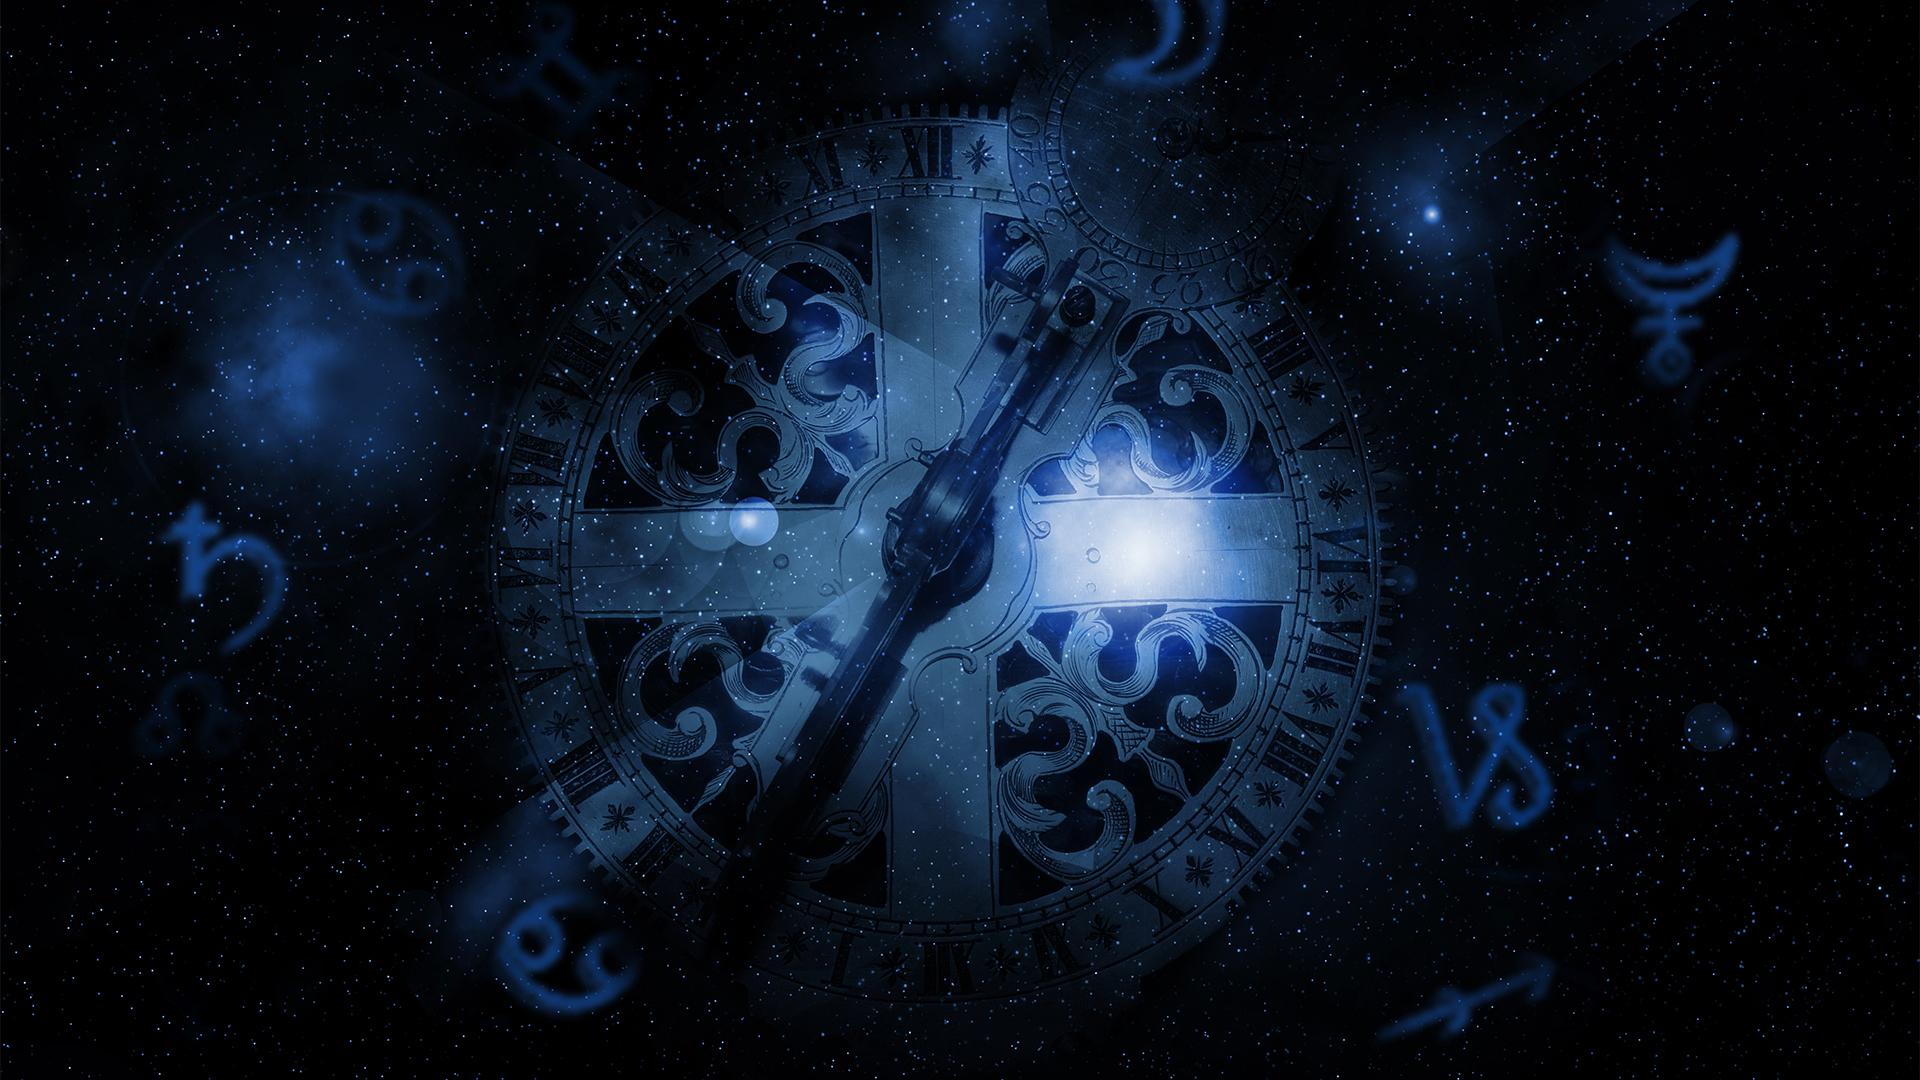 Horóscopo 27 de febrero de 2018: astrología y predicciones del día